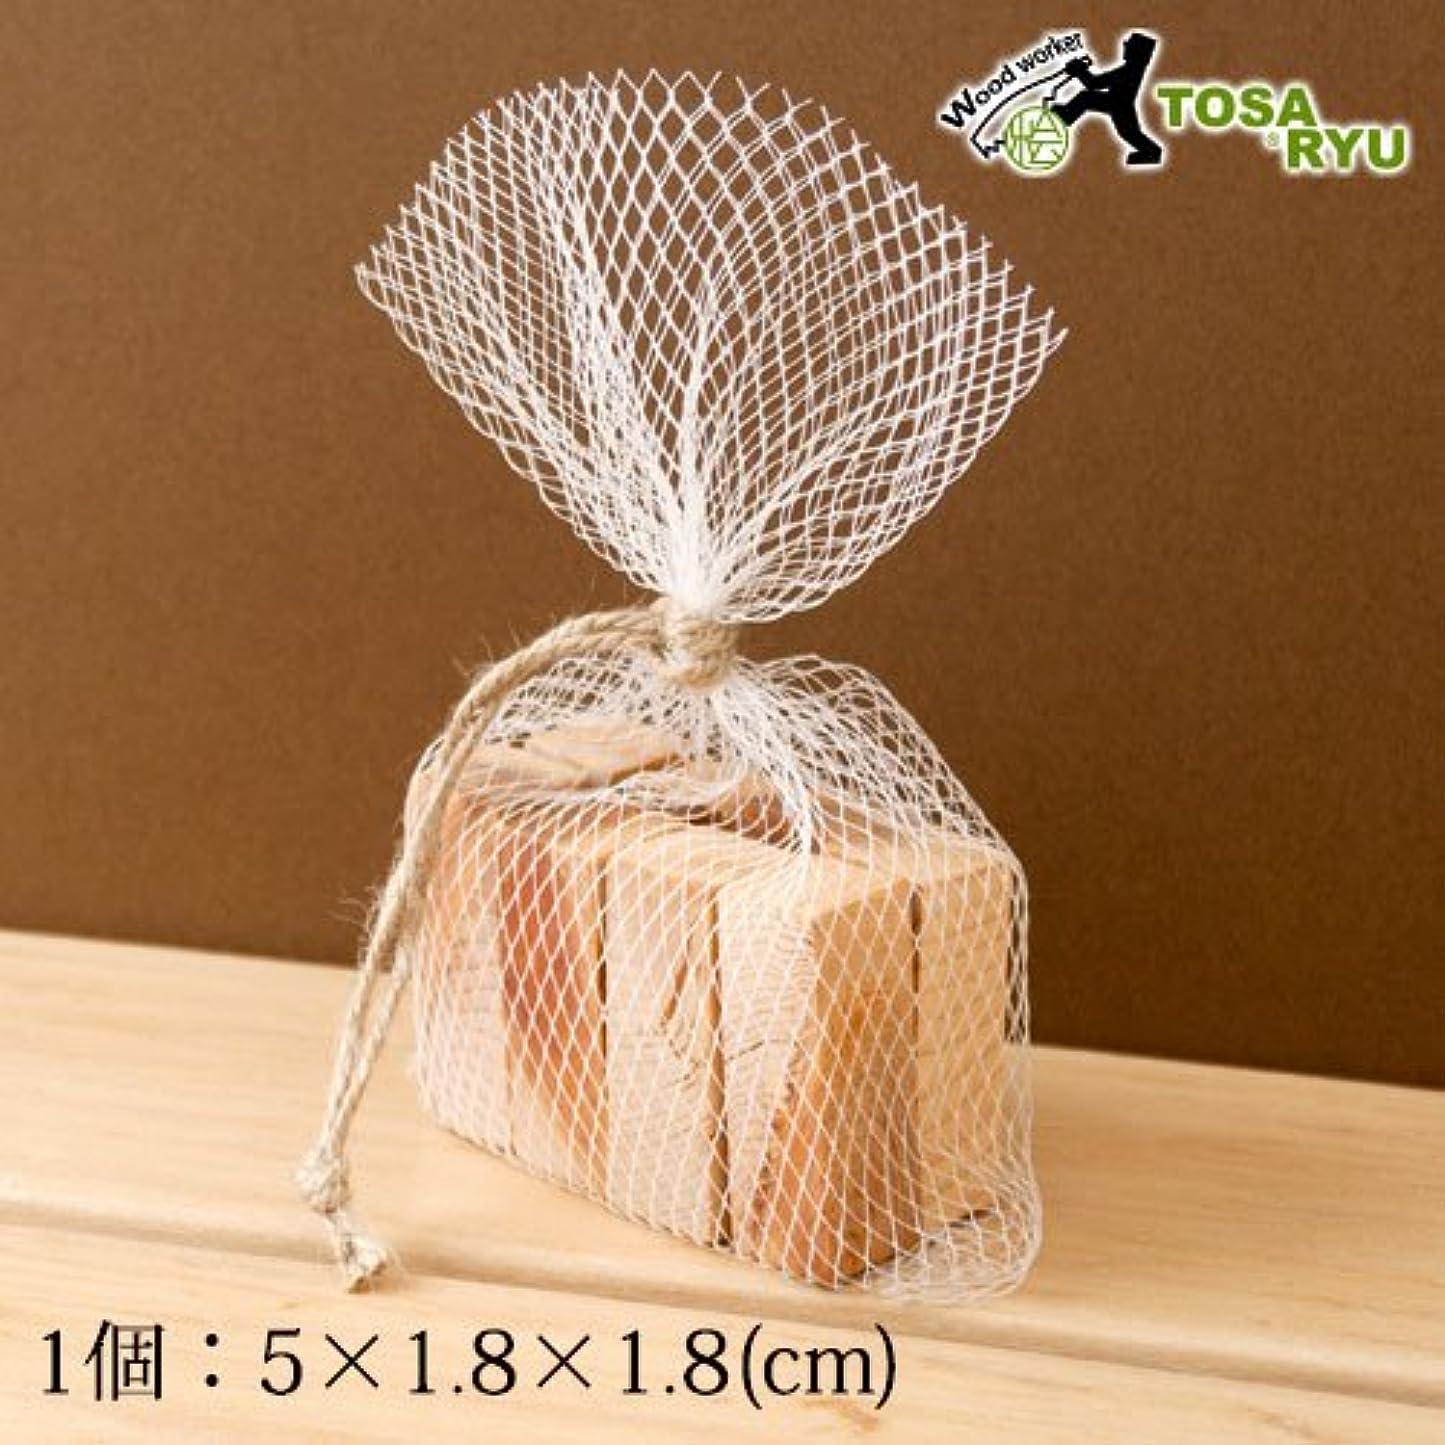 氷遺体安置所そこ土佐龍アロマブロックメッシュ袋入り高知県の工芸品Bath additive of cypress, Kochi craft